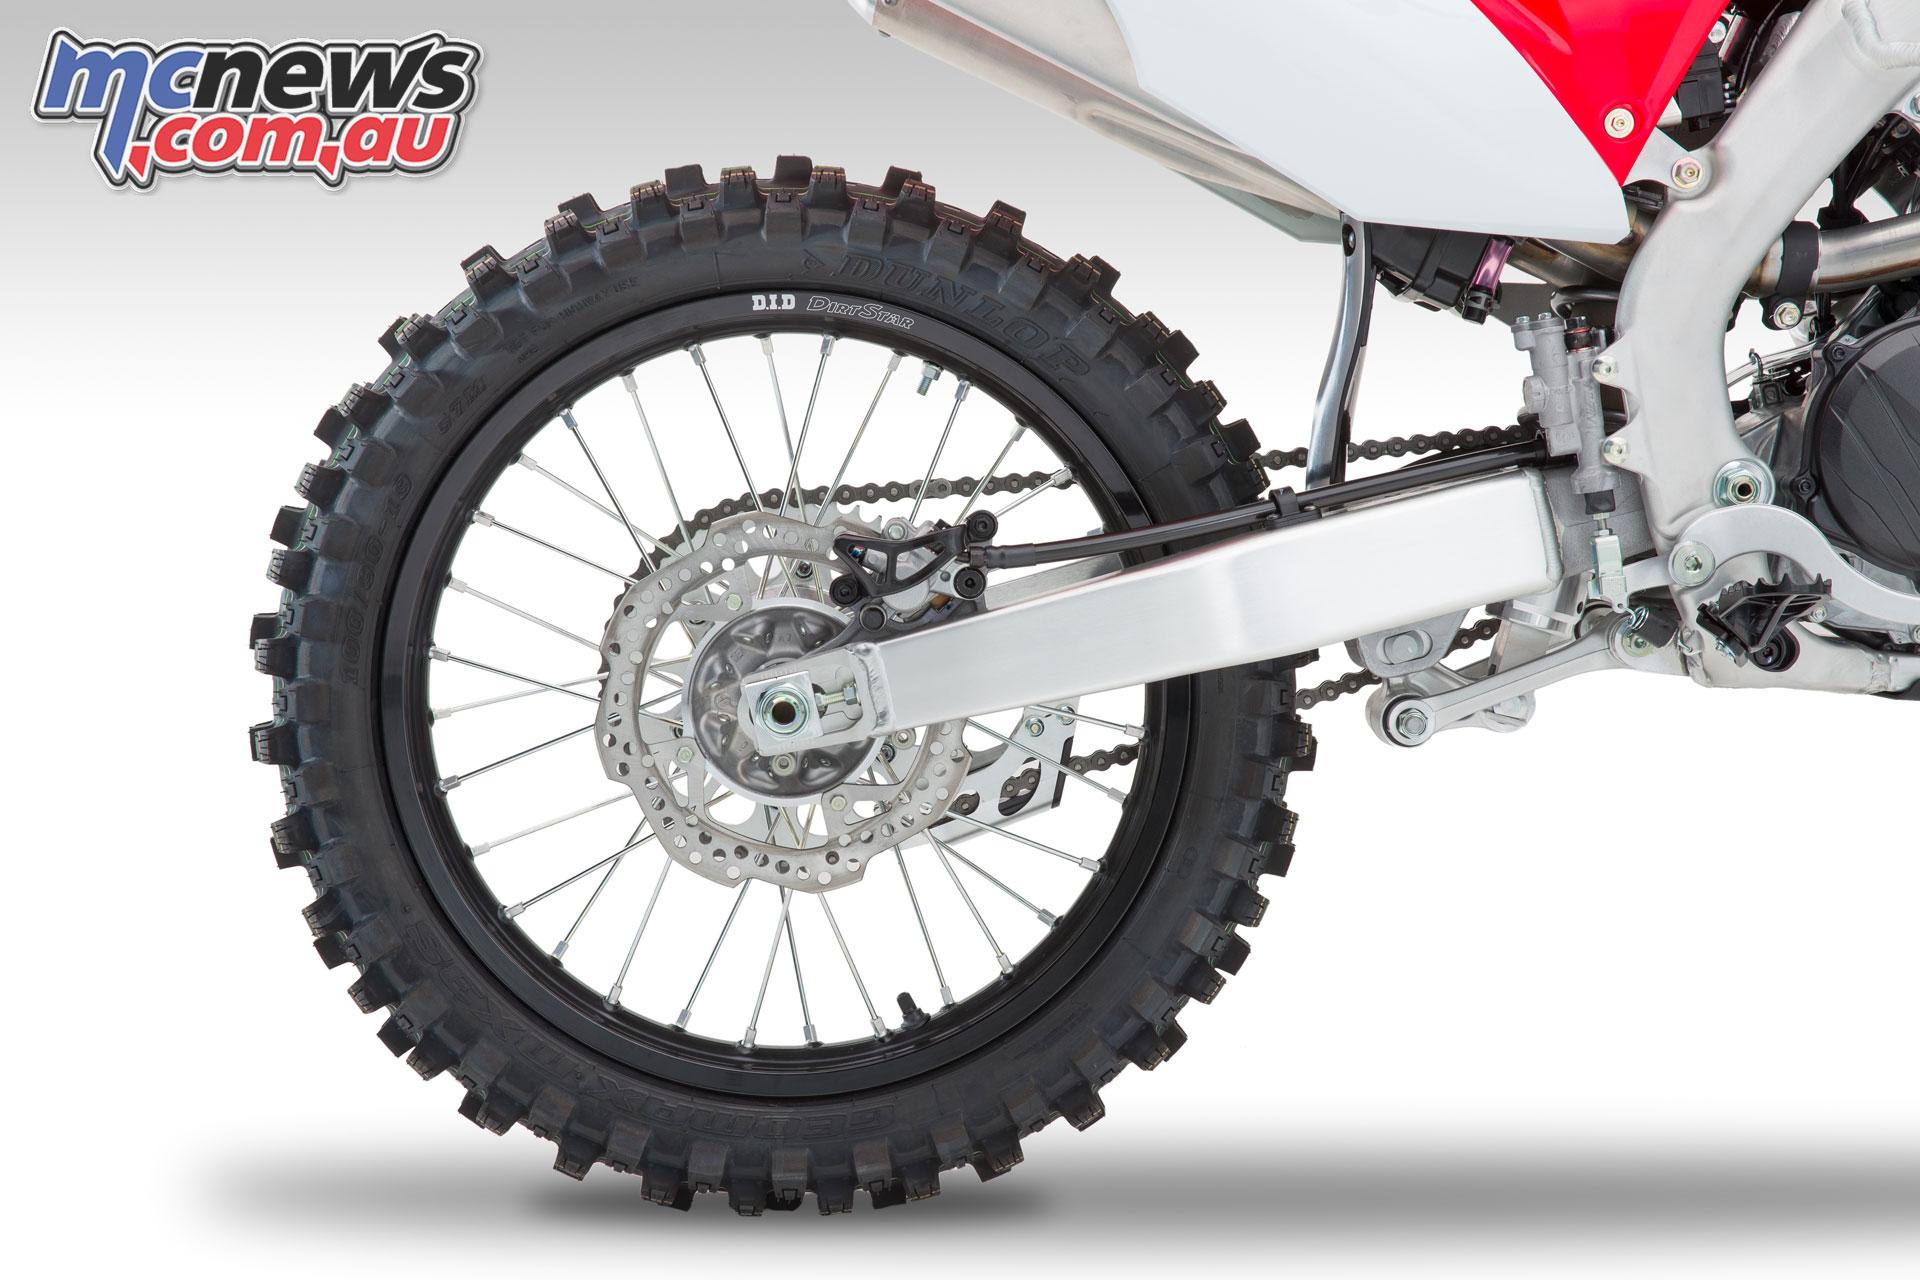 Honda CRFR rear wheel